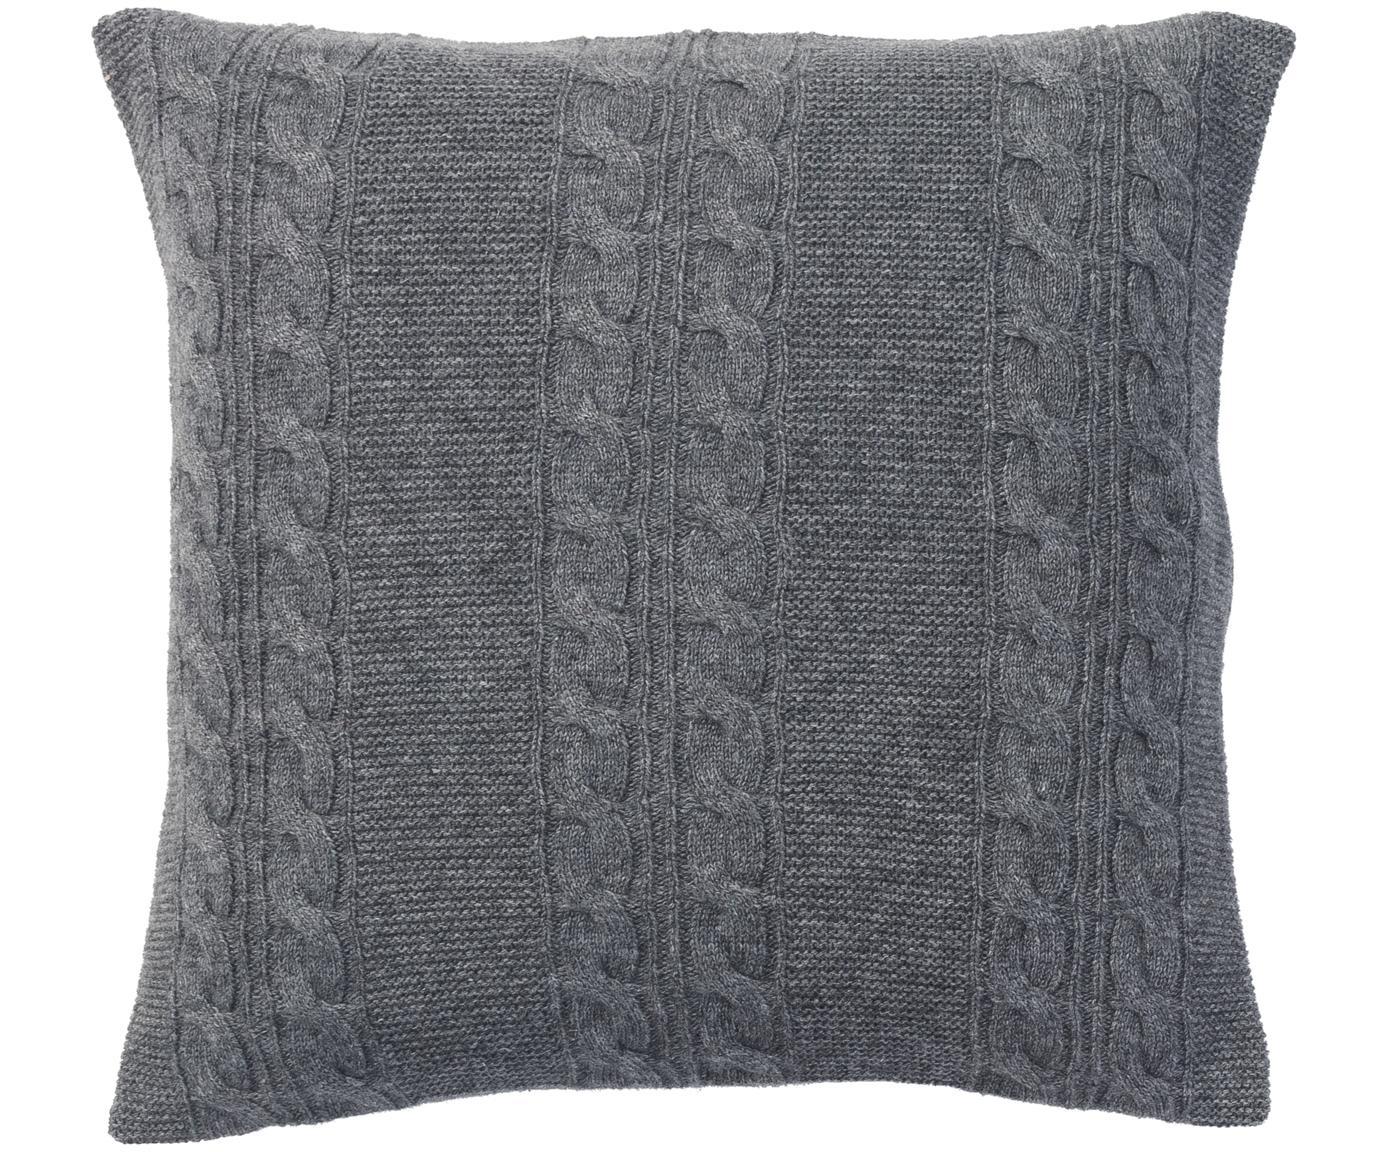 Reine Kaschmir-Kissenhülle Leonie mit Zopfmuster, 100% Kaschmir Kaschmir ist besonders weich, angenehm und wärmend, Dunkelgrau, 40 x 40 cm